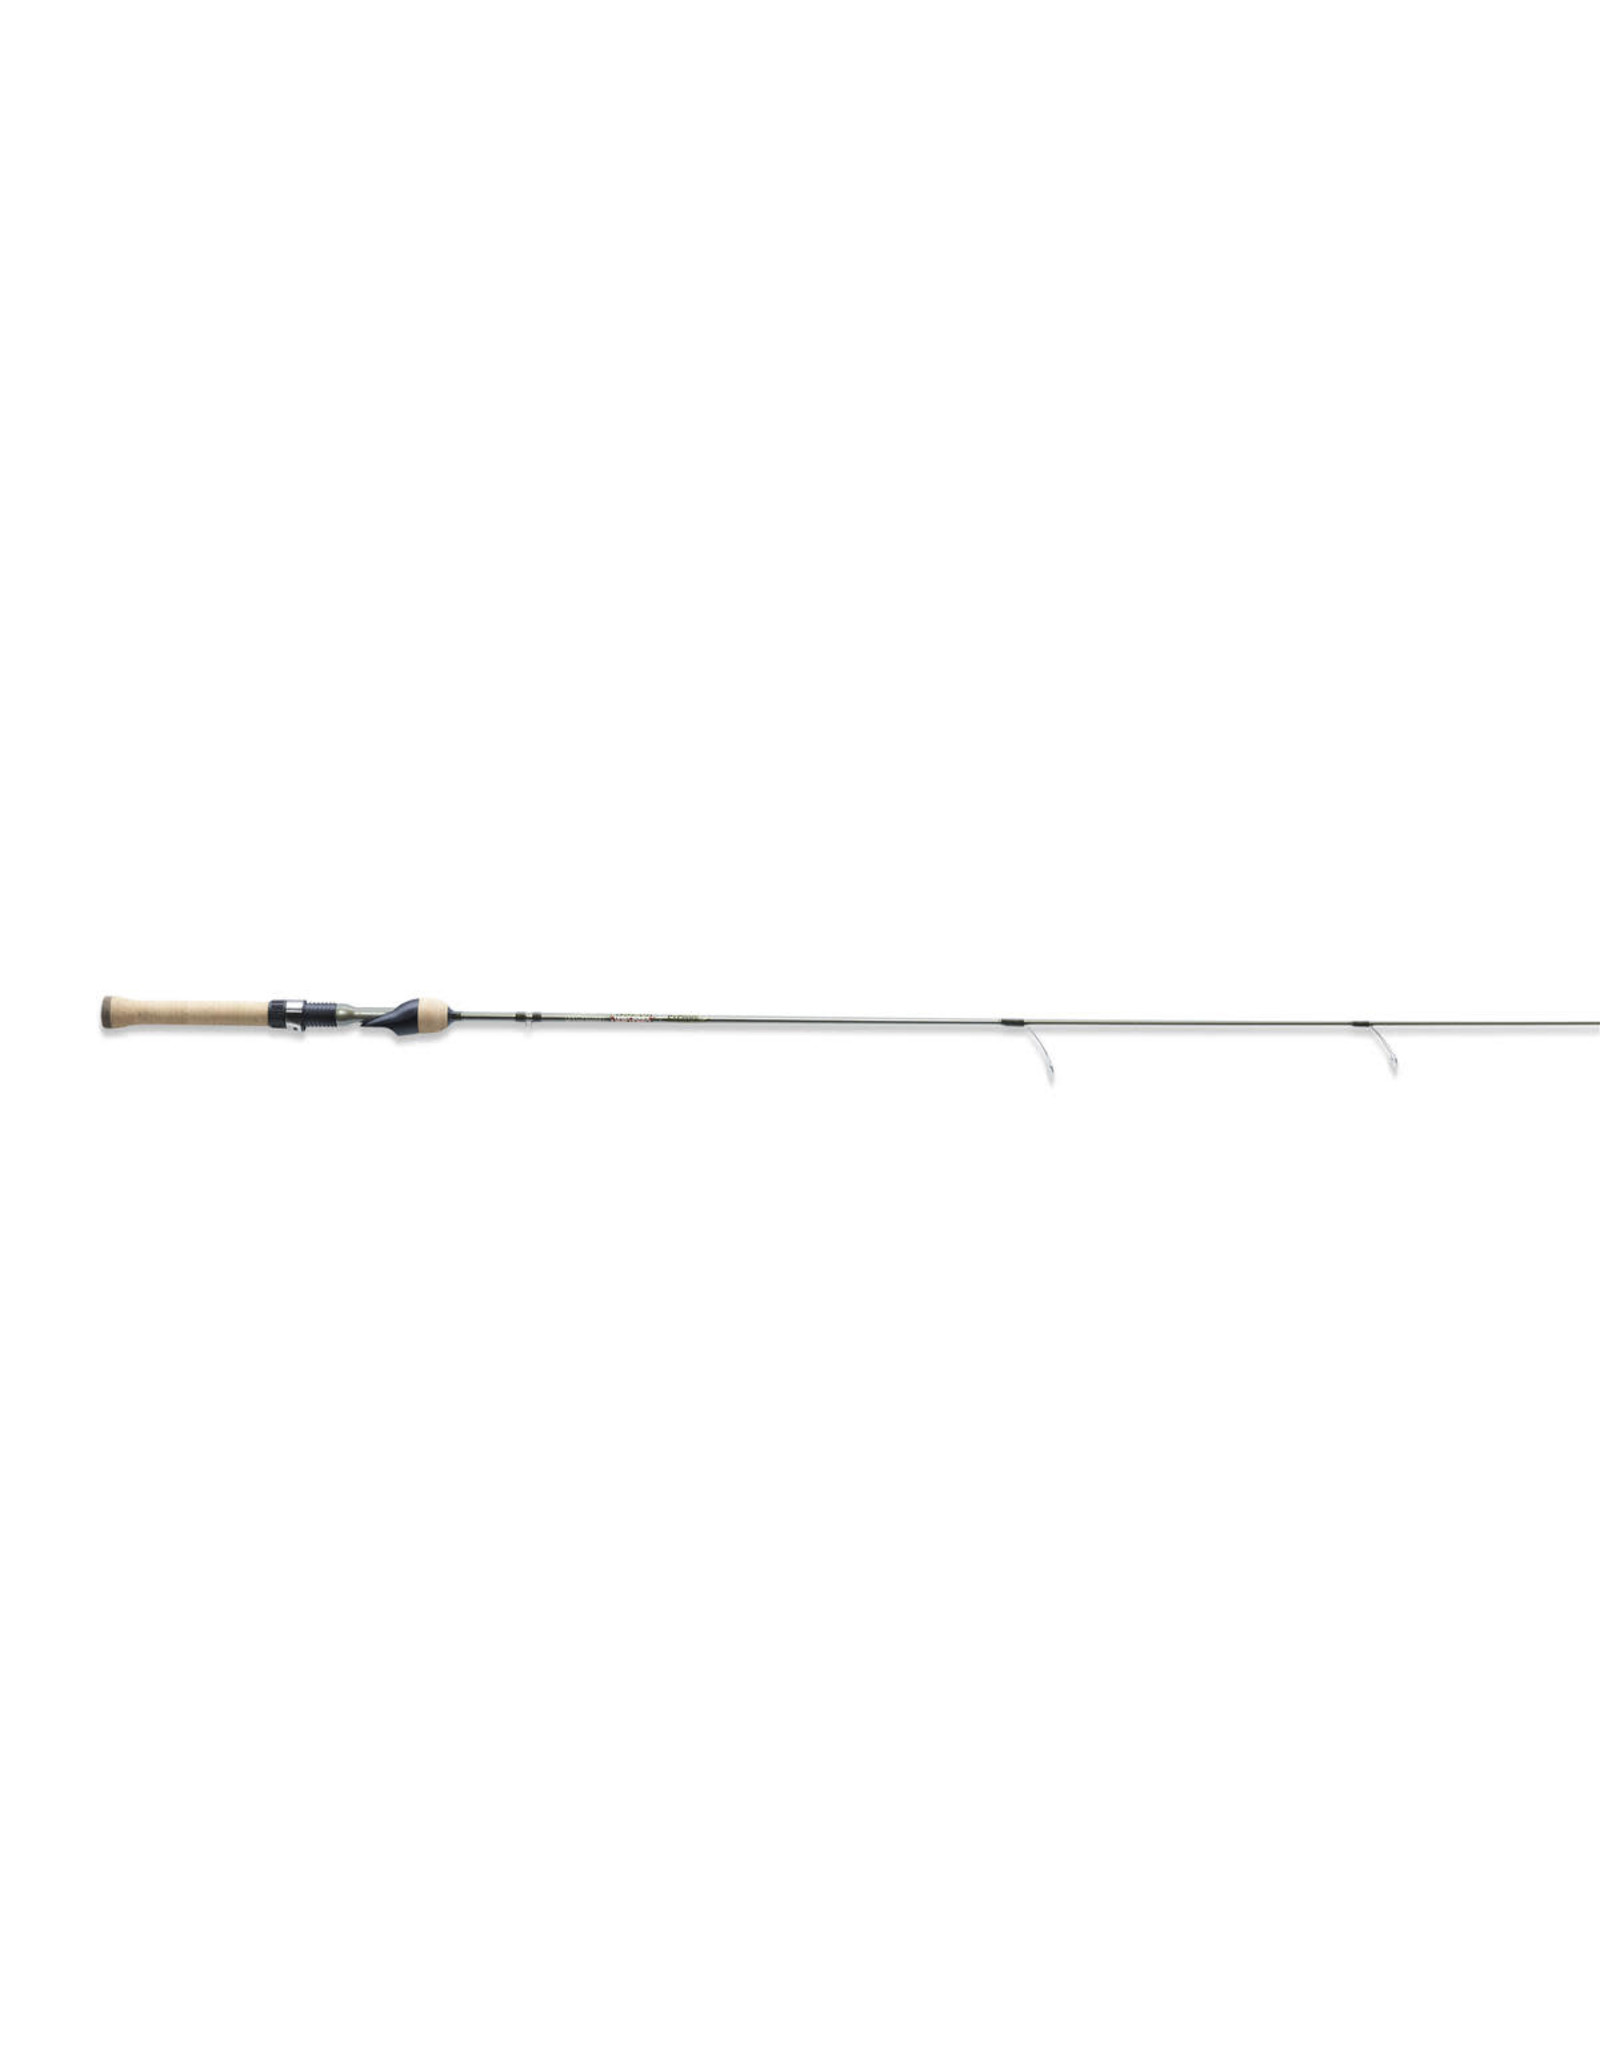 St. Croix St. Croix Trout Series Rod